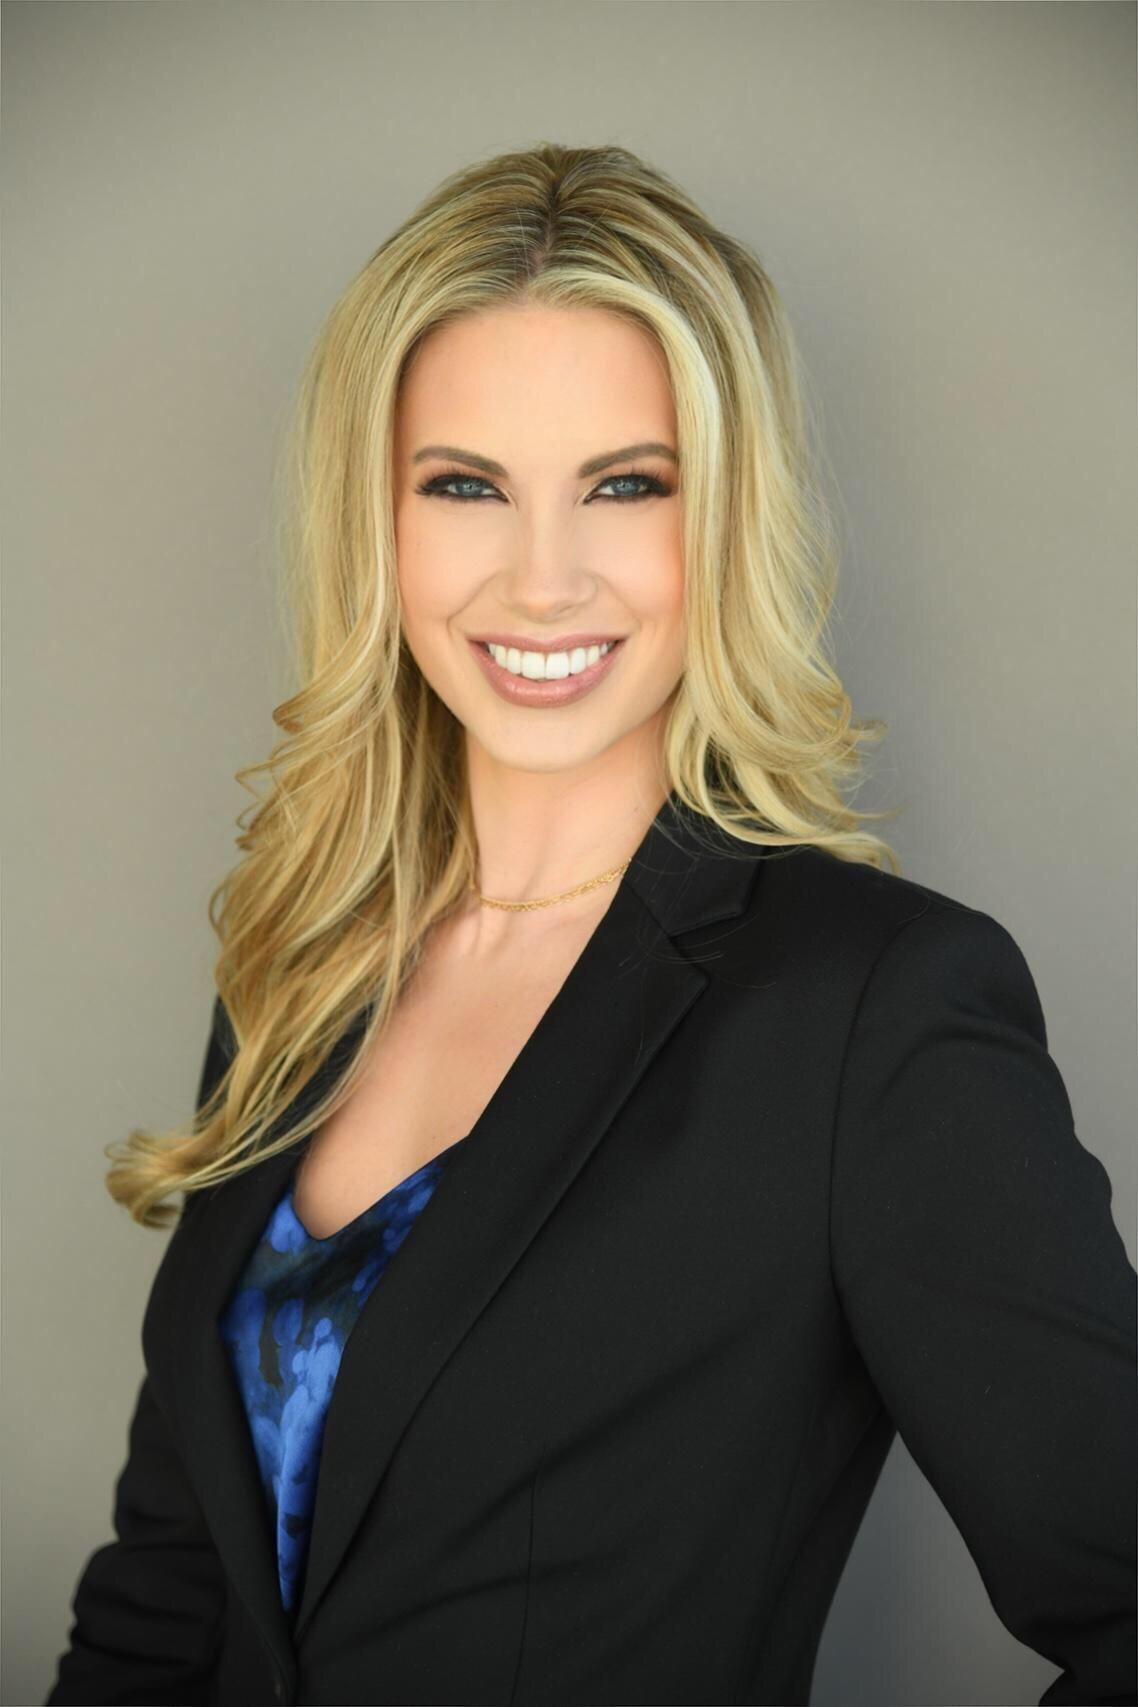 Kim Lyon